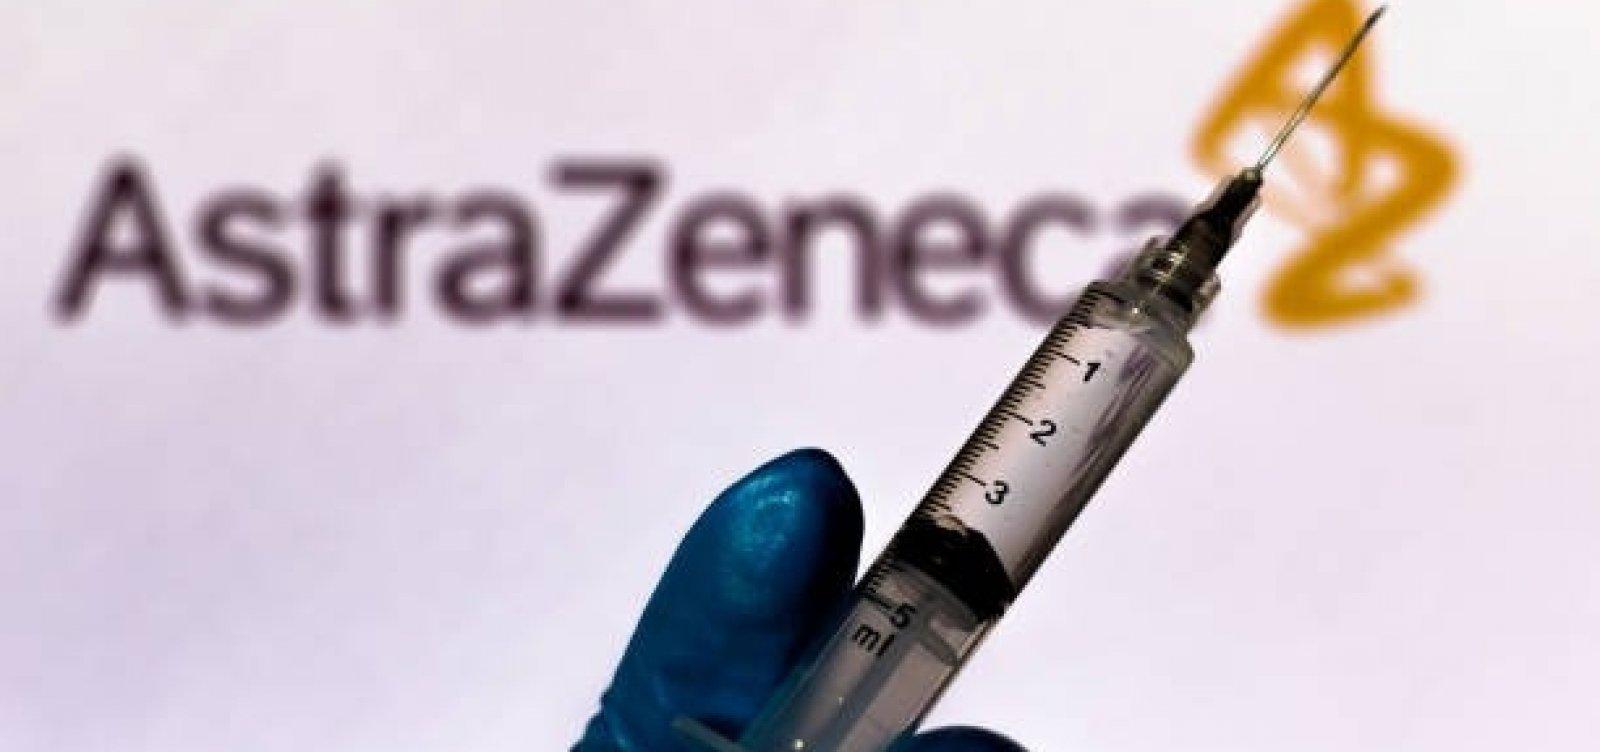 Covid-19: Alemanha ameaça processar laboratórios por atrasos na entrega das vacinas